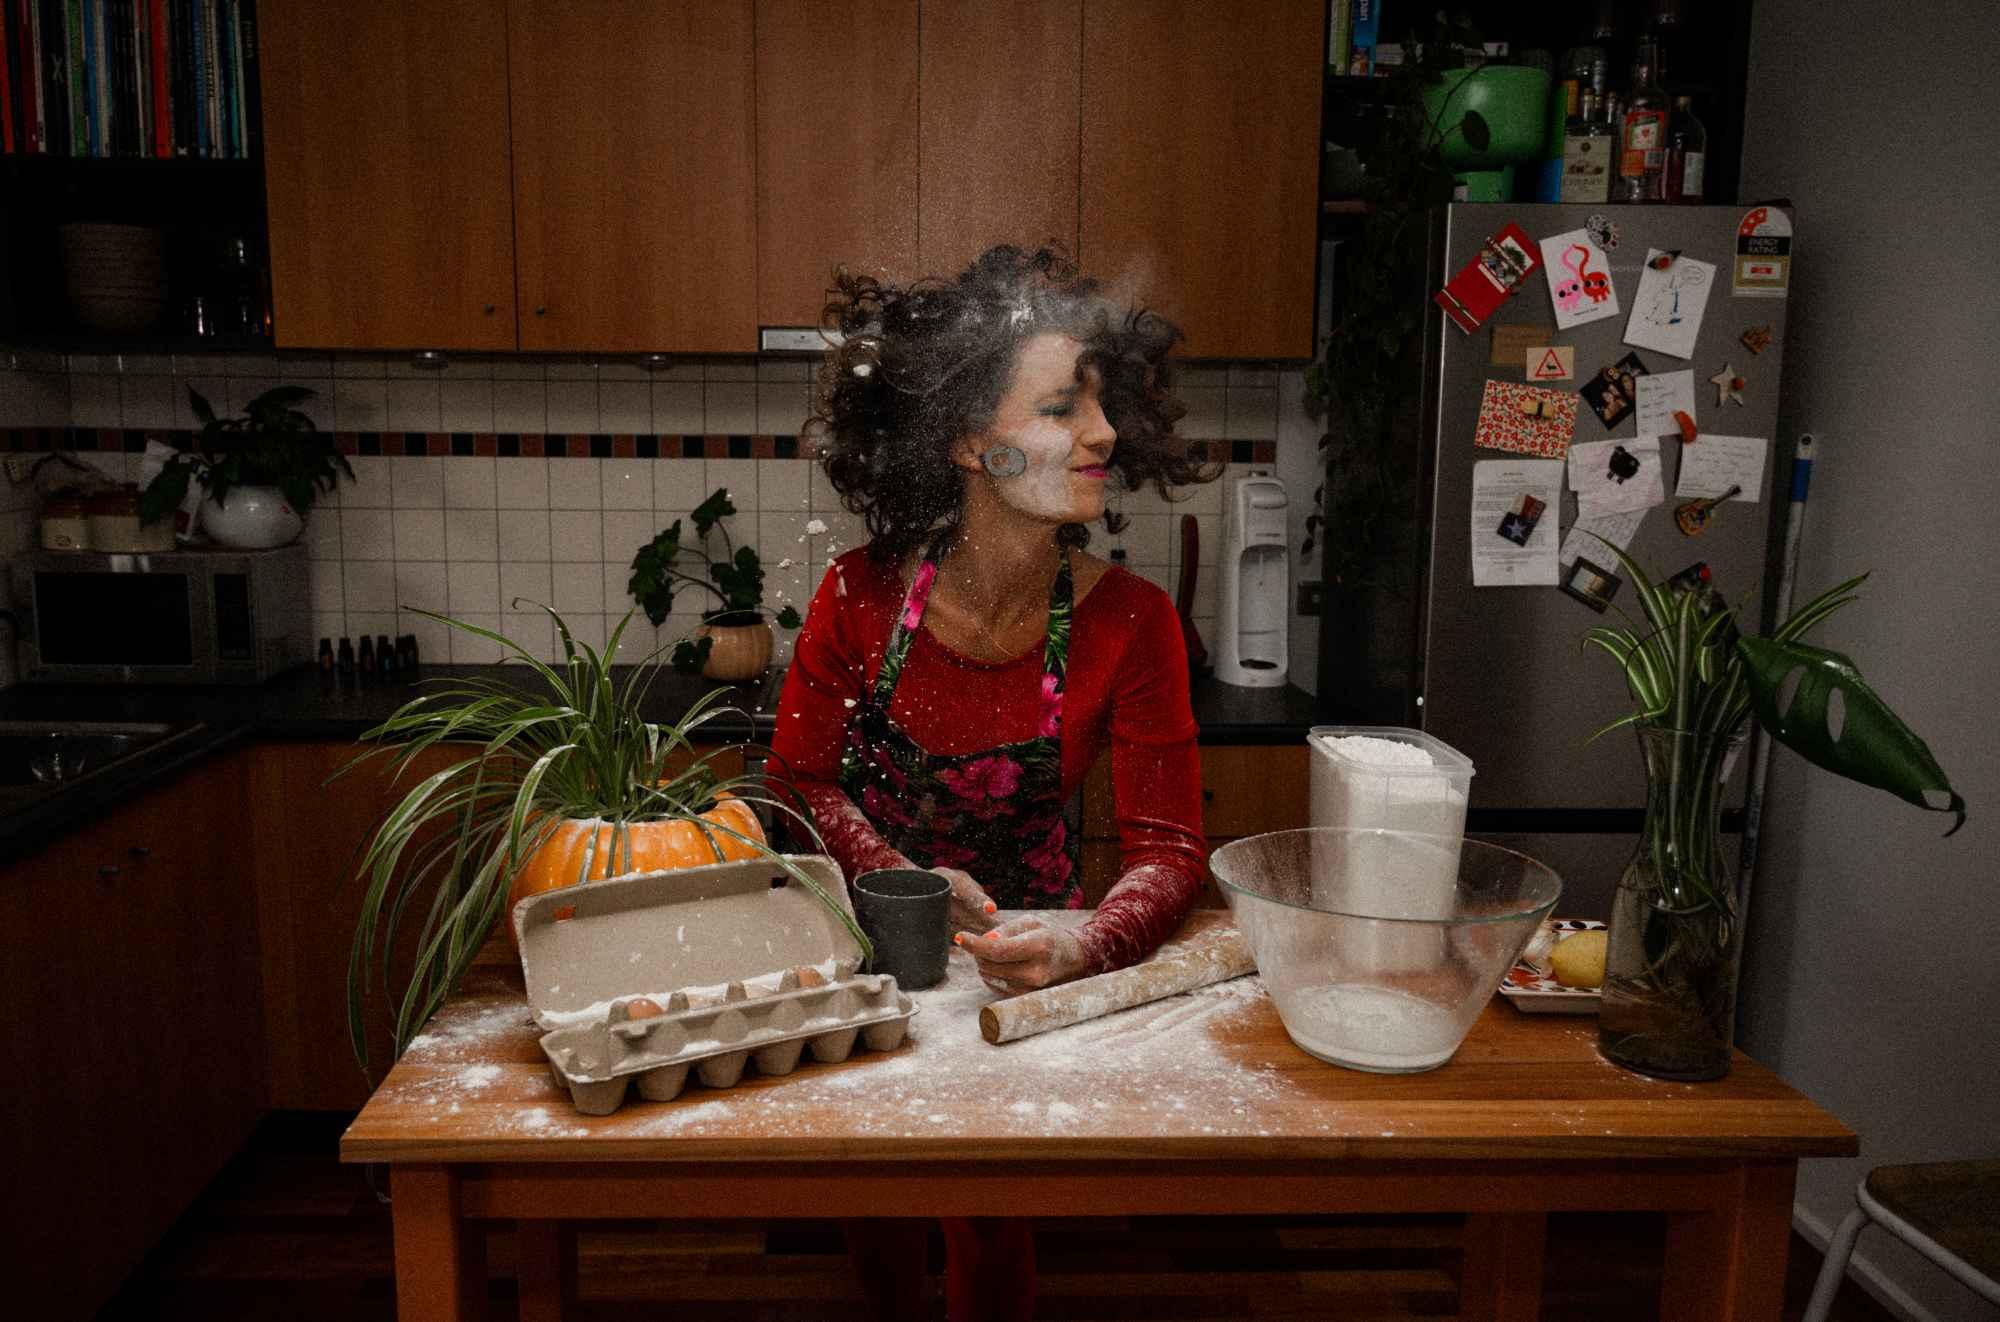 Photo of Xani in kitchen baking with flour everwhere